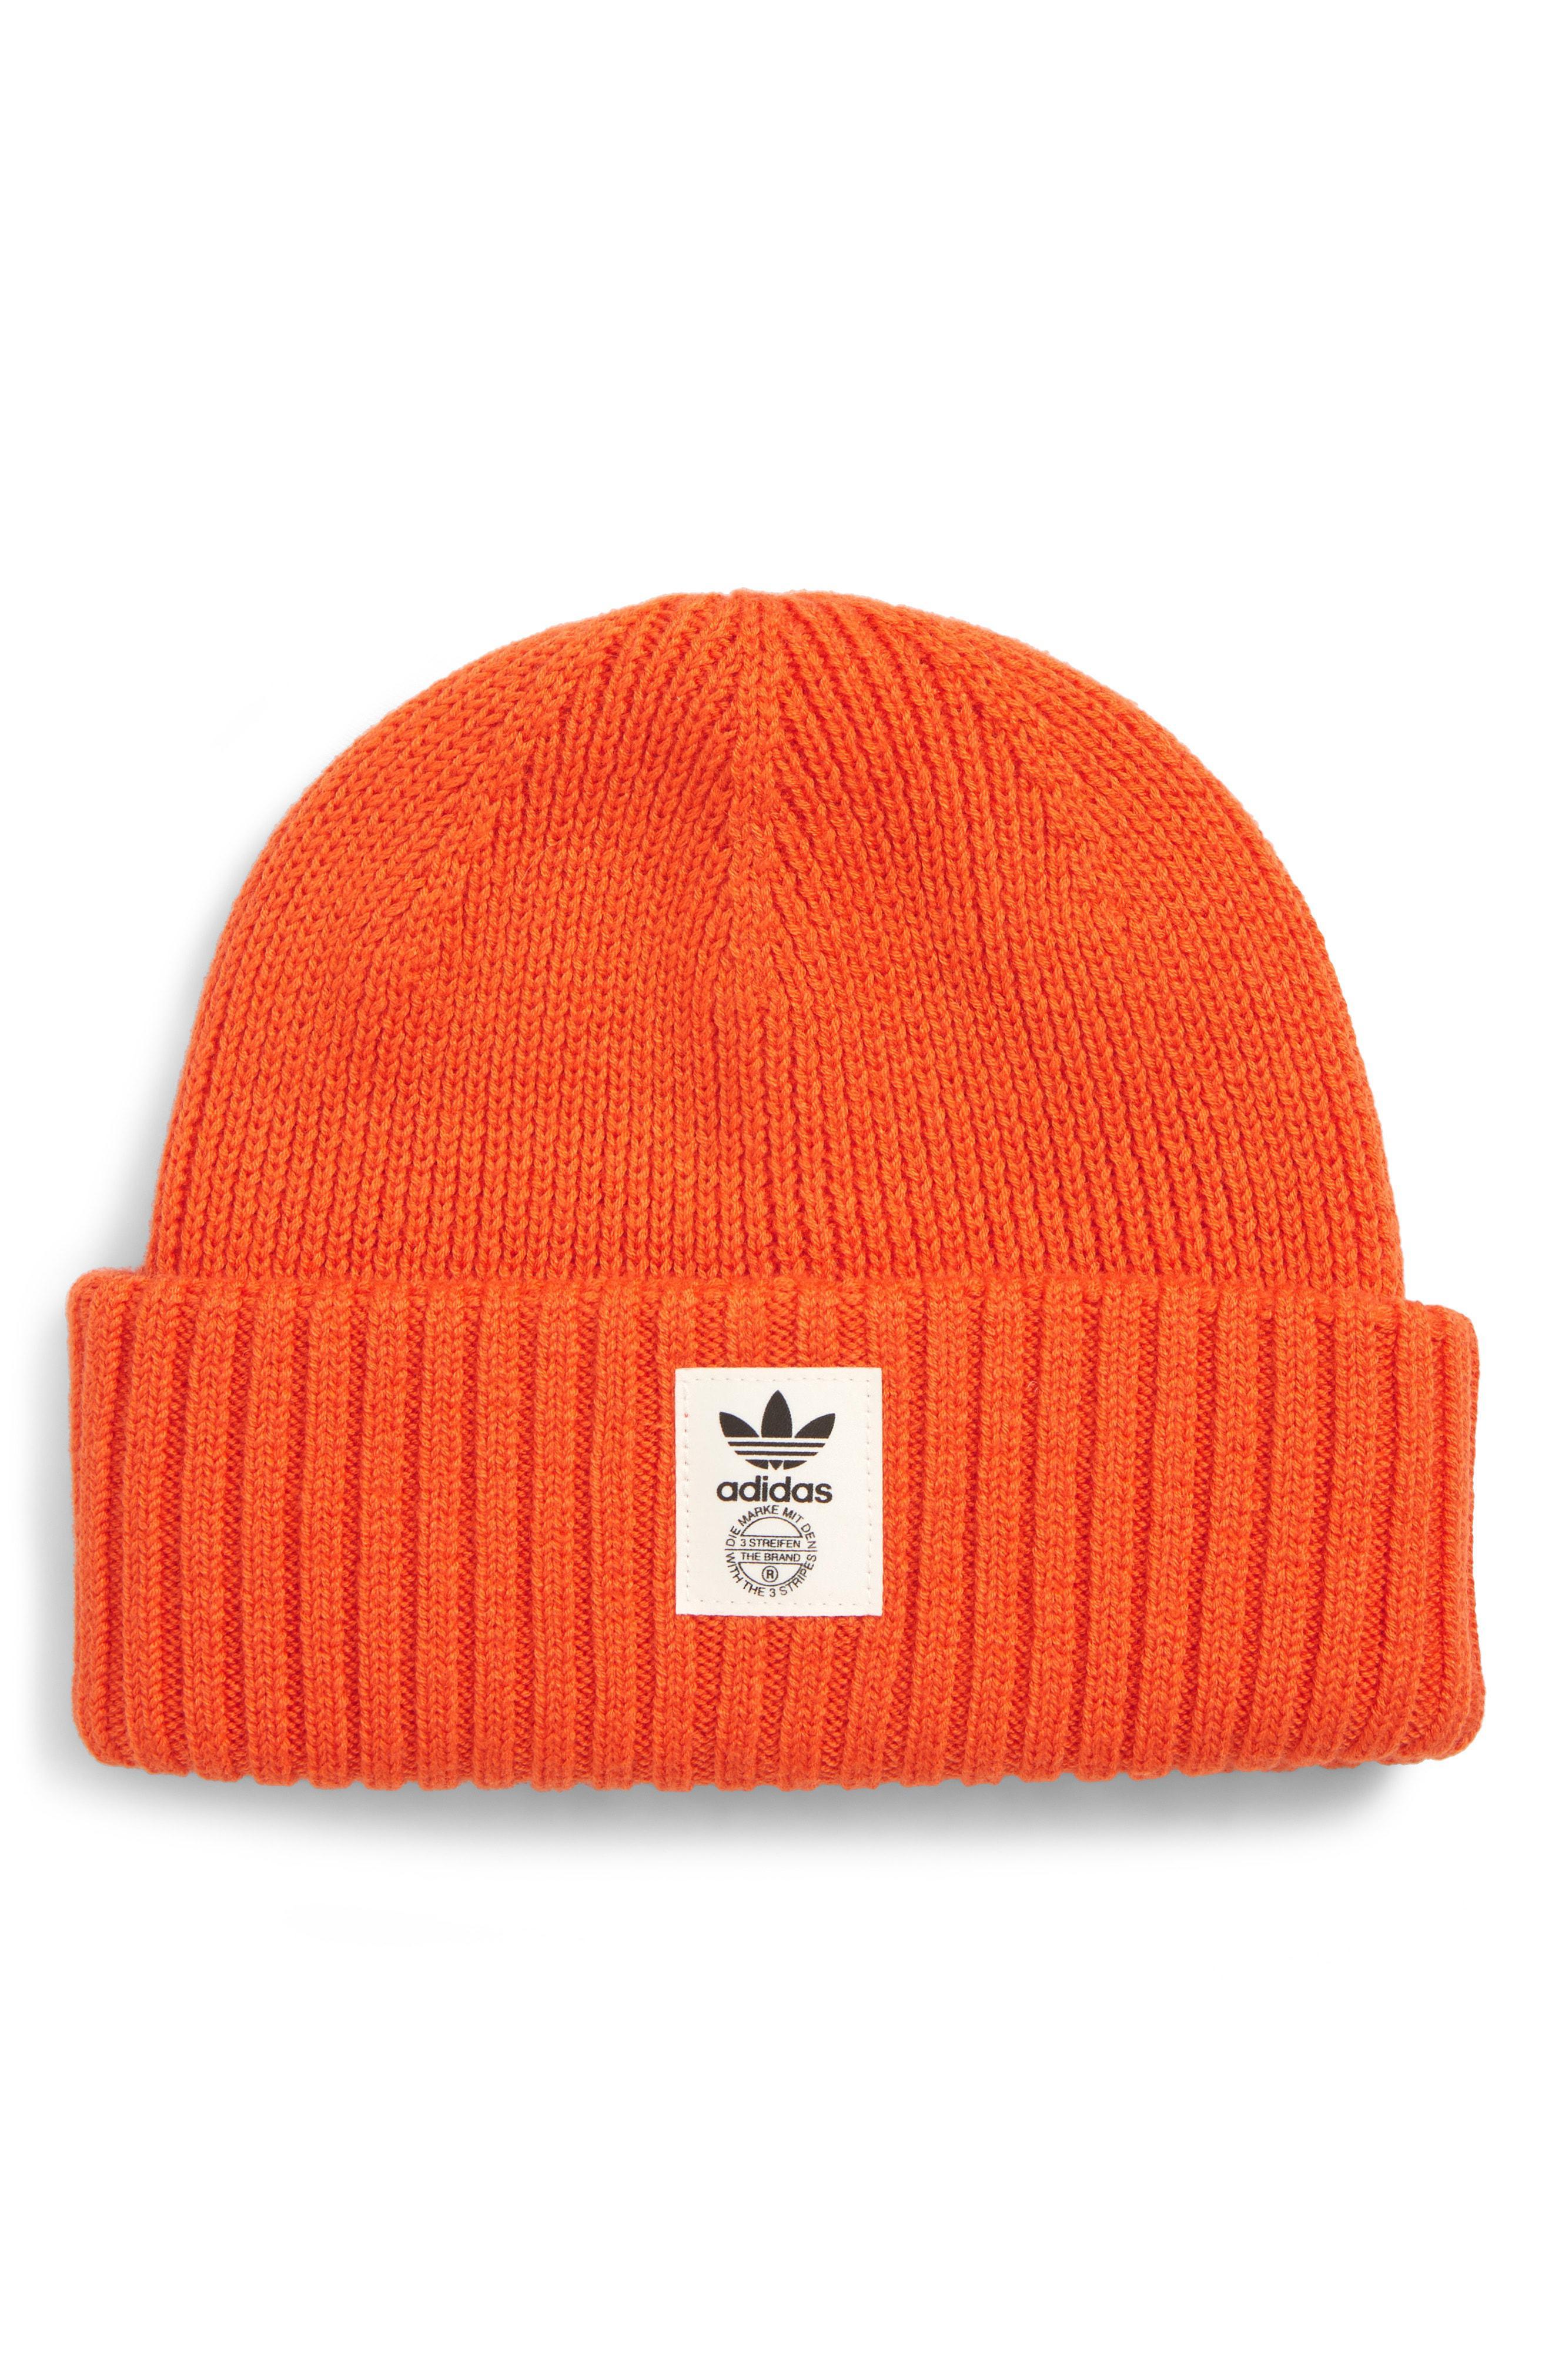 Lyst - adidas Originals Utility Beanie in Orange for Men ad09f516b1ec